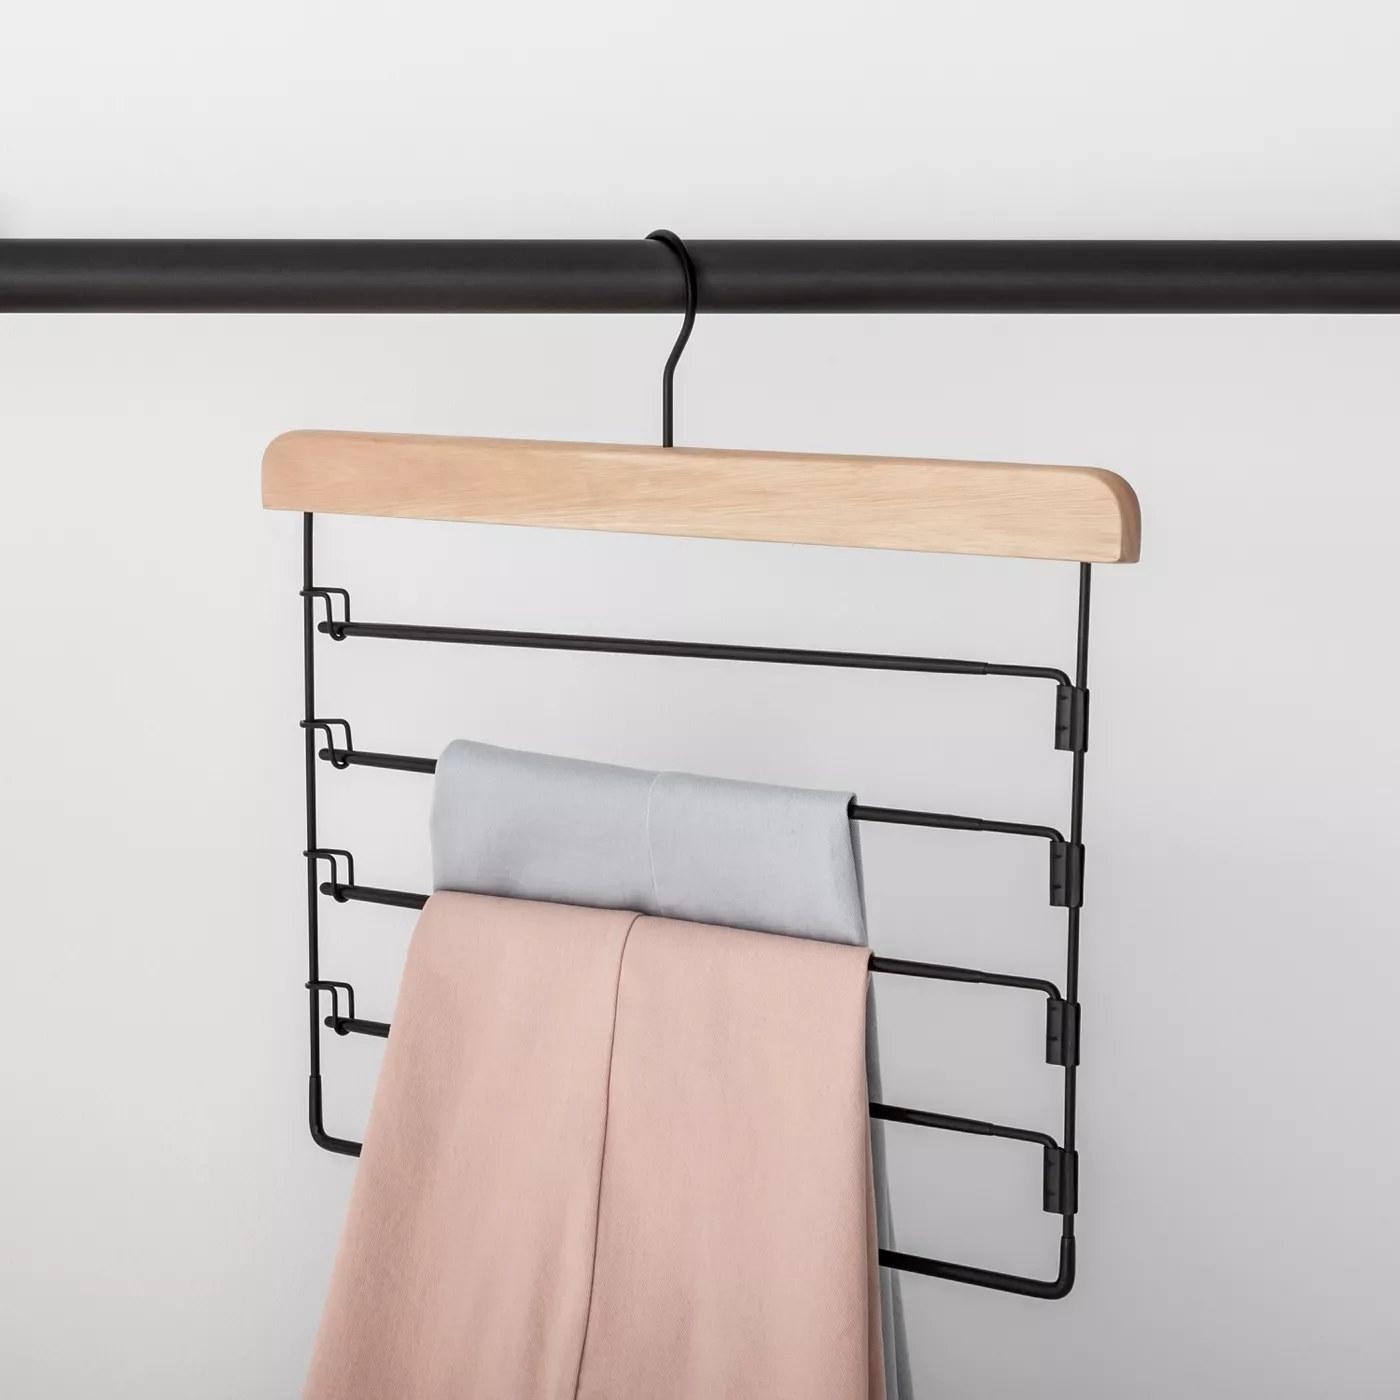 A pants hanger